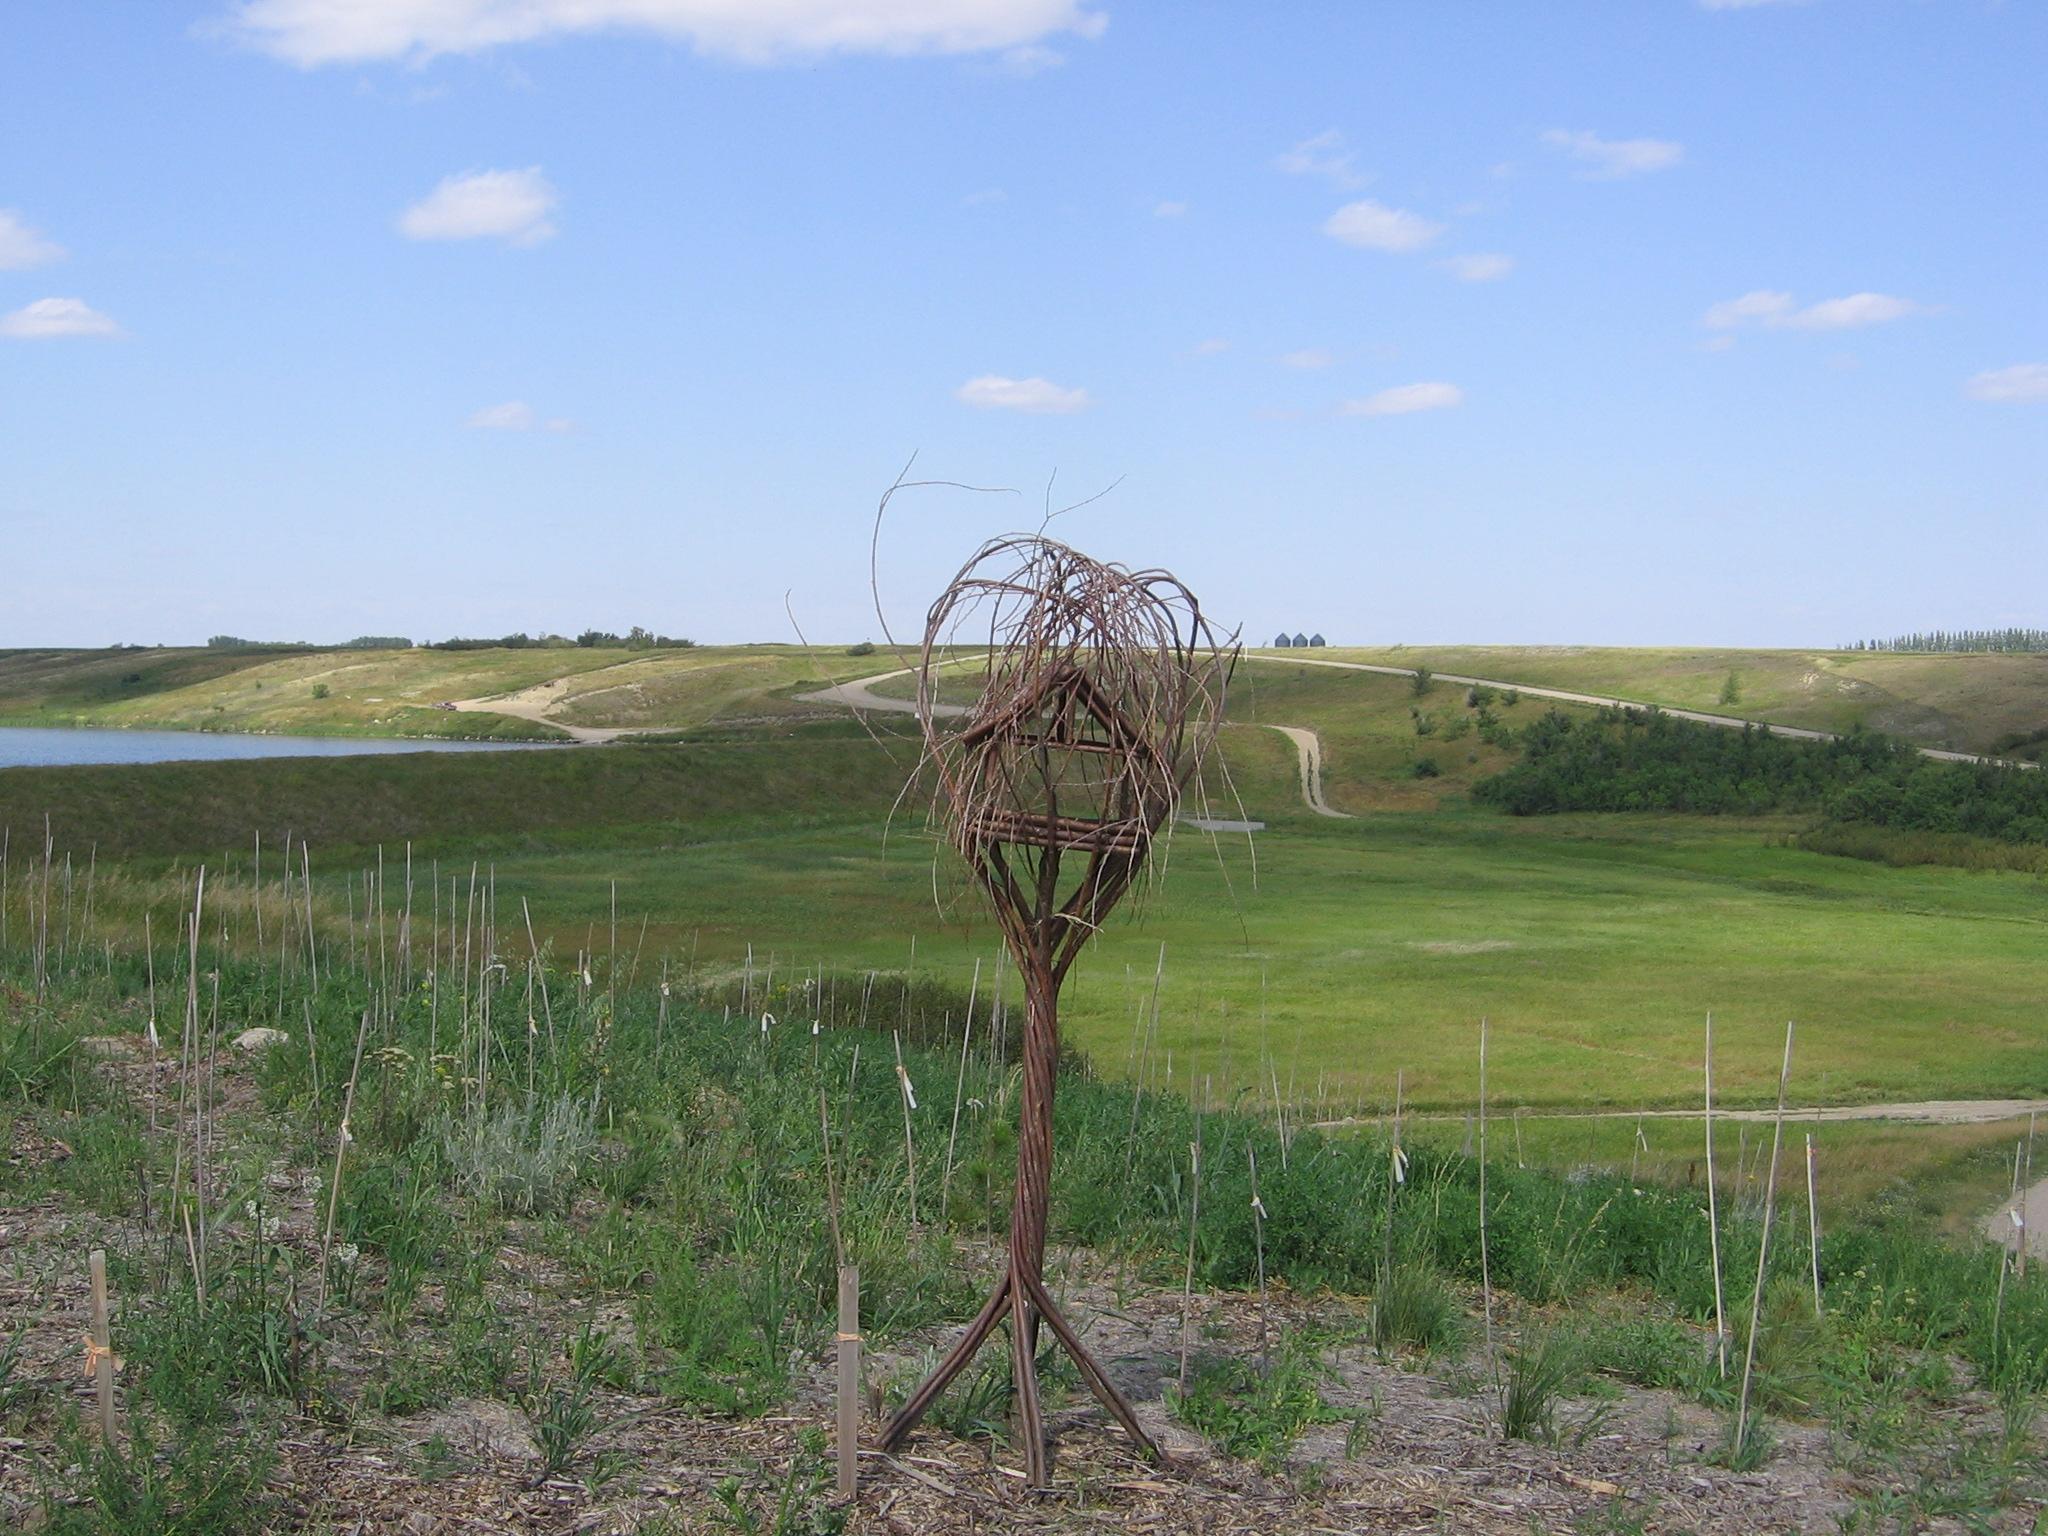 Eco-Centre display garden in Craik, Saskatchewan, demonstrating sustainable landscaping methods